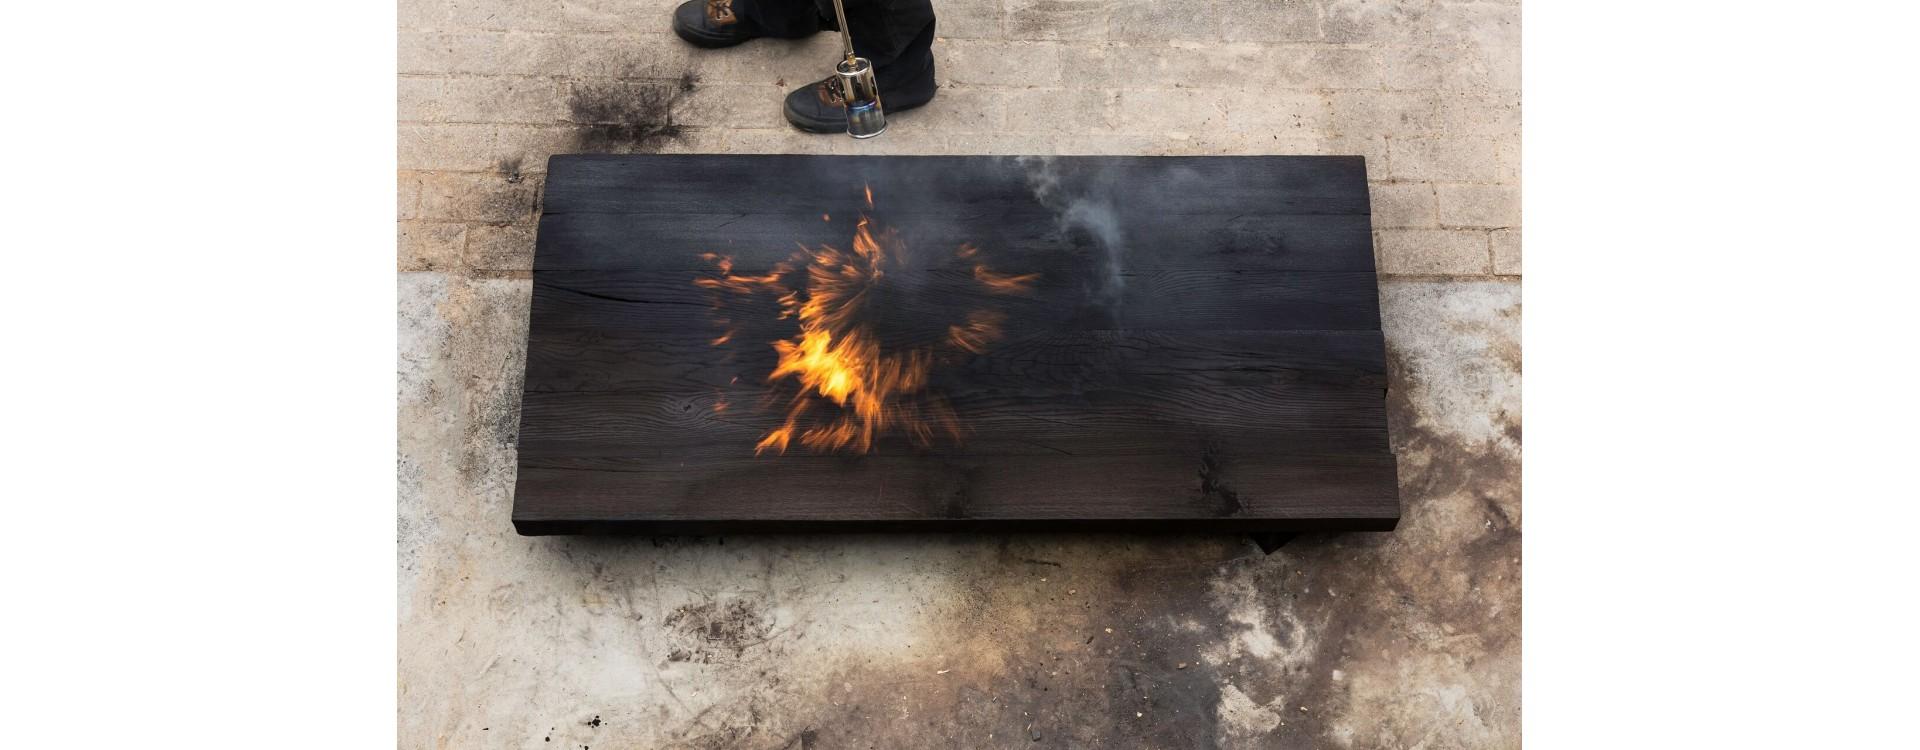 Tecnica Shou Sugi Ban: come preservare il legno in modo alternativo